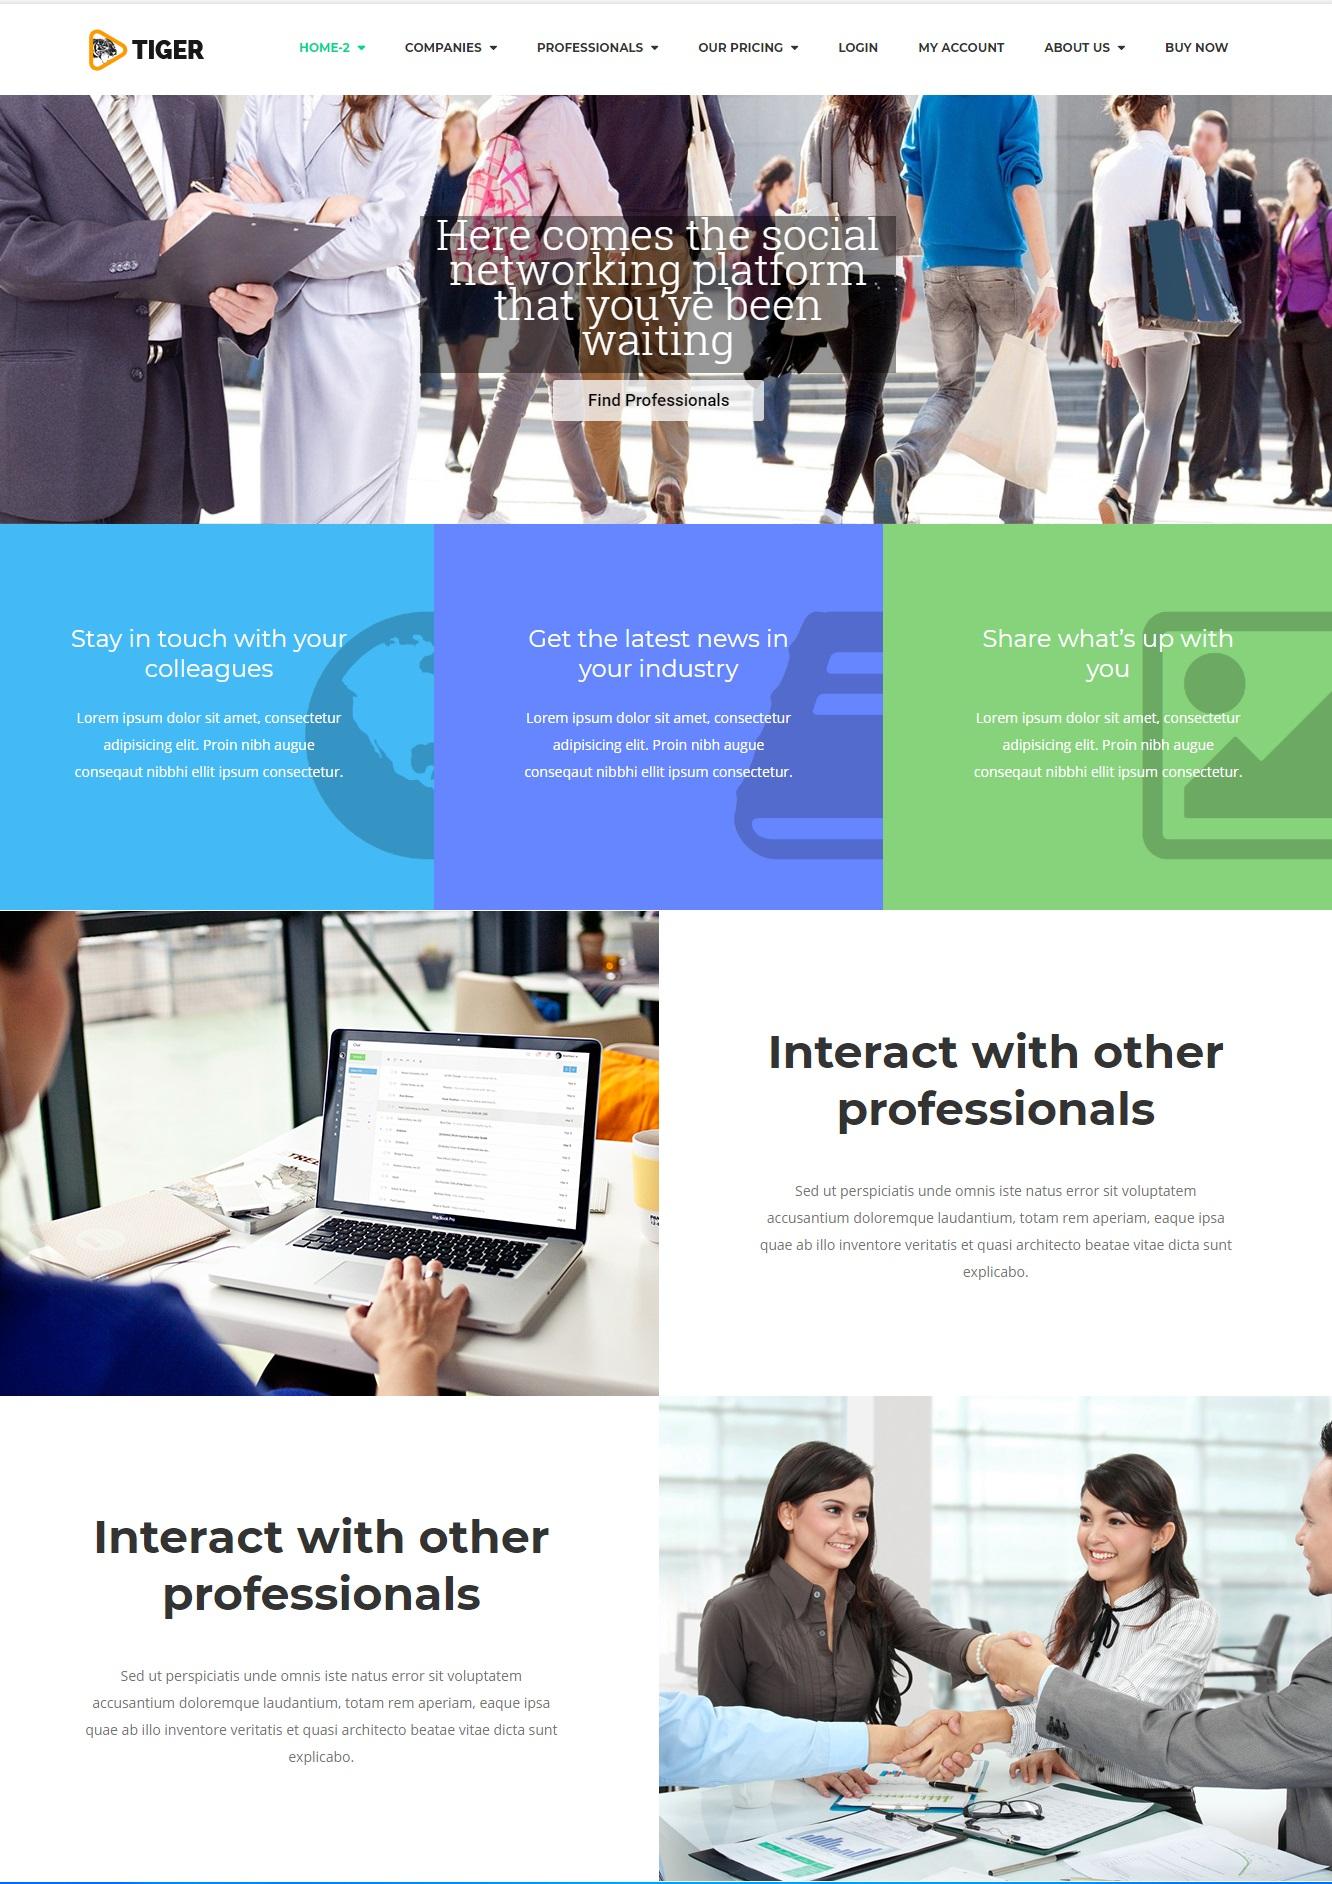 Mẫu website giới thiệu công ty-Tiger